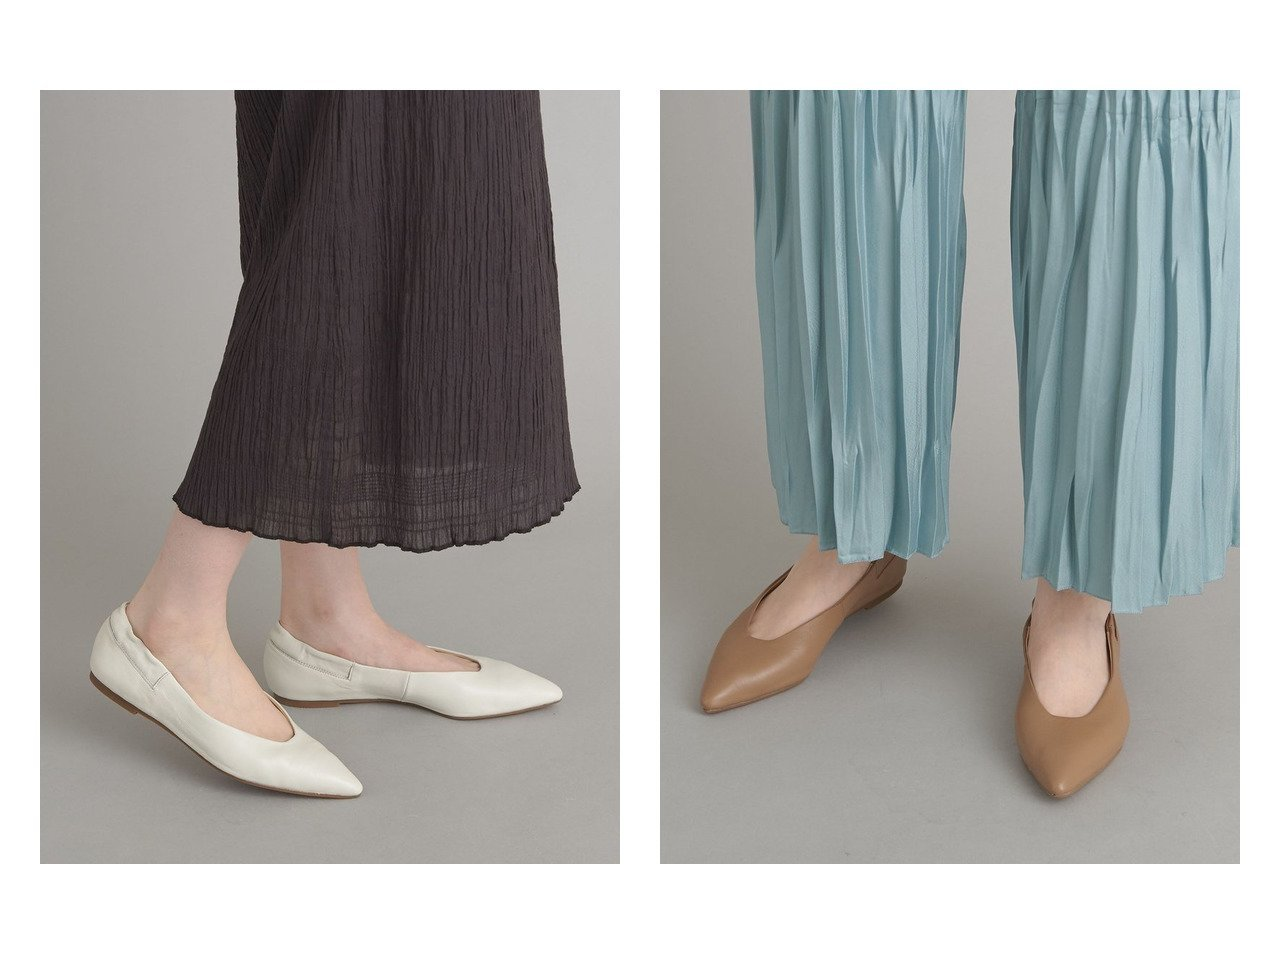 【Odette e Odile/オデット エ オディール】のOFC ギャザーゴム ポインテッド FLT10↓↑ 【シューズ・靴】おすすめ!人気、トレンド・レディースファッションの通販  おすすめで人気の流行・トレンド、ファッションの通販商品 メンズファッション・キッズファッション・インテリア・家具・レディースファッション・服の通販 founy(ファニー) https://founy.com/ ファッション Fashion レディースファッション WOMEN ギャザー シューズ フィット フラット ポインテッド |ID:crp329100000025513